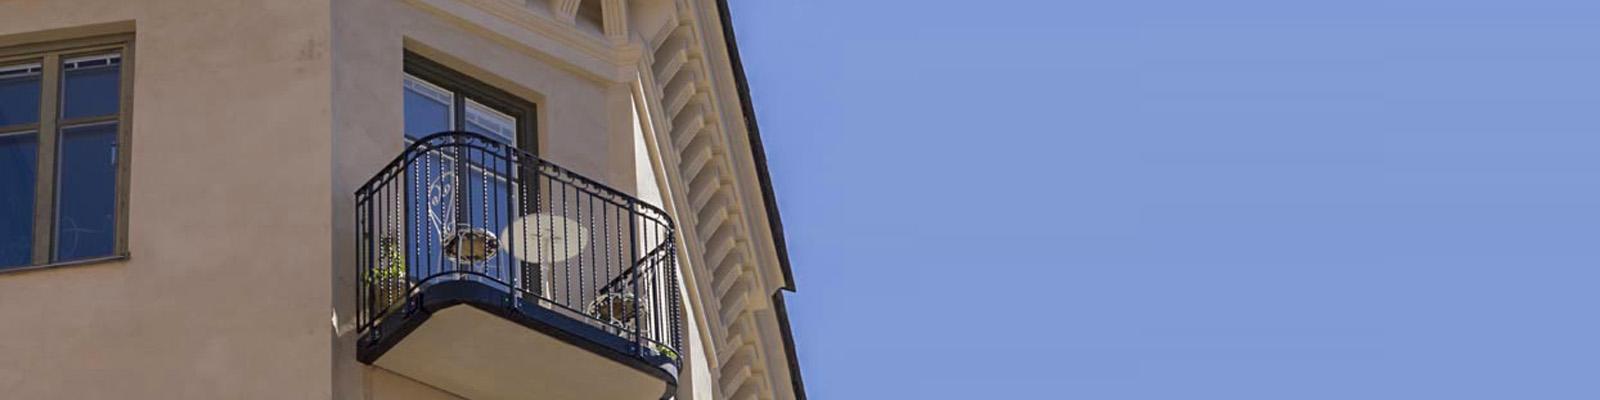 Fristående balkong fastighet